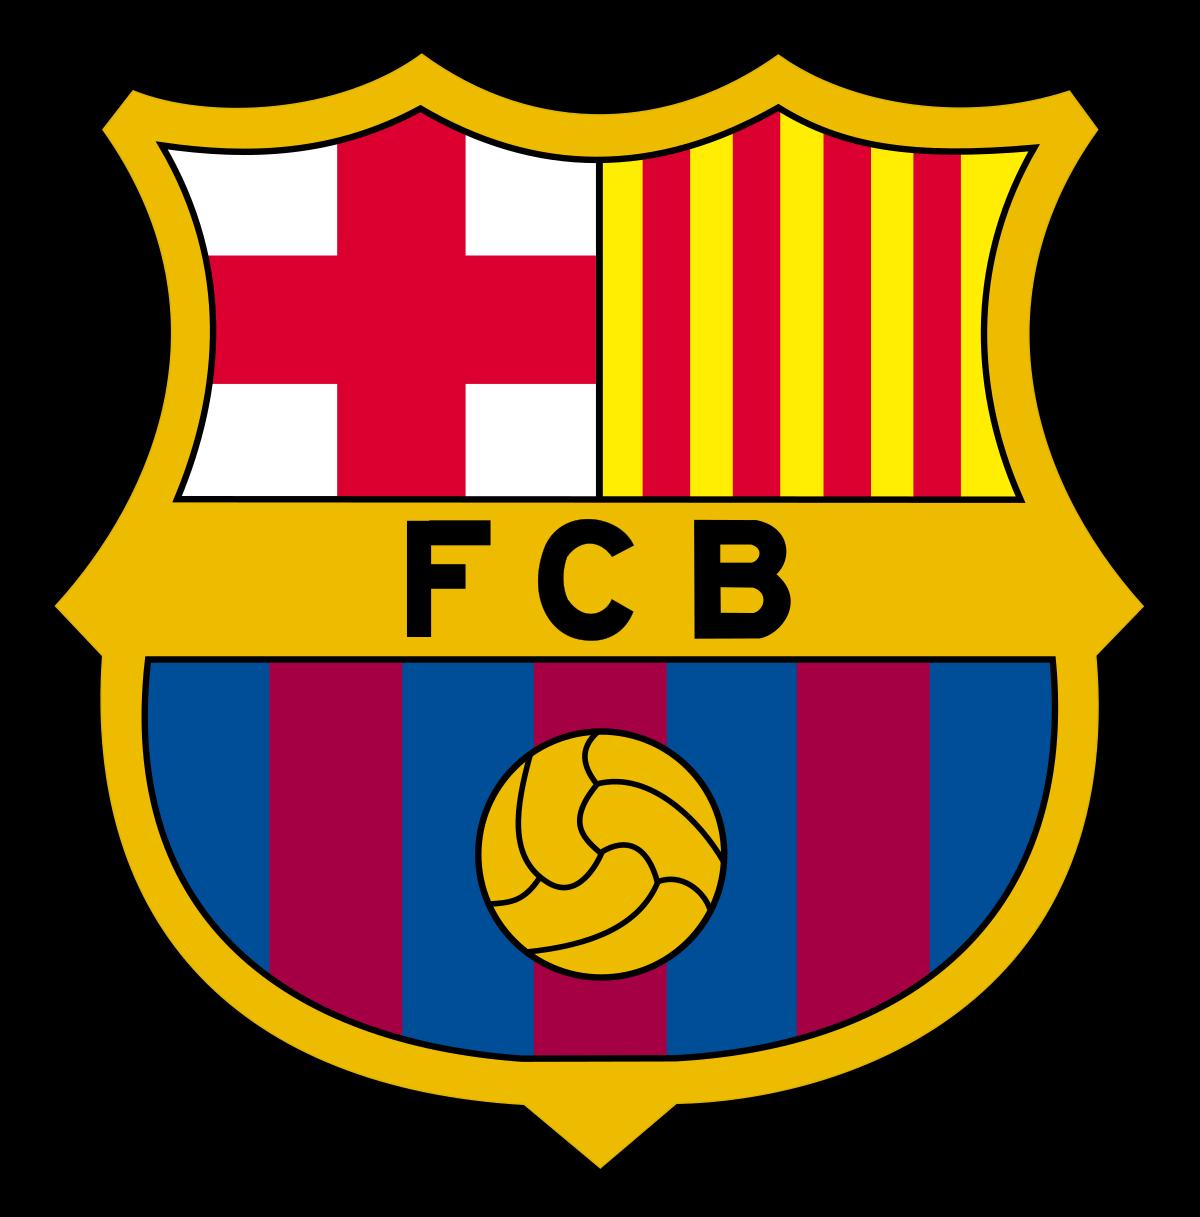 خبر بخصوص عودة جماهير برشلونة للملعب